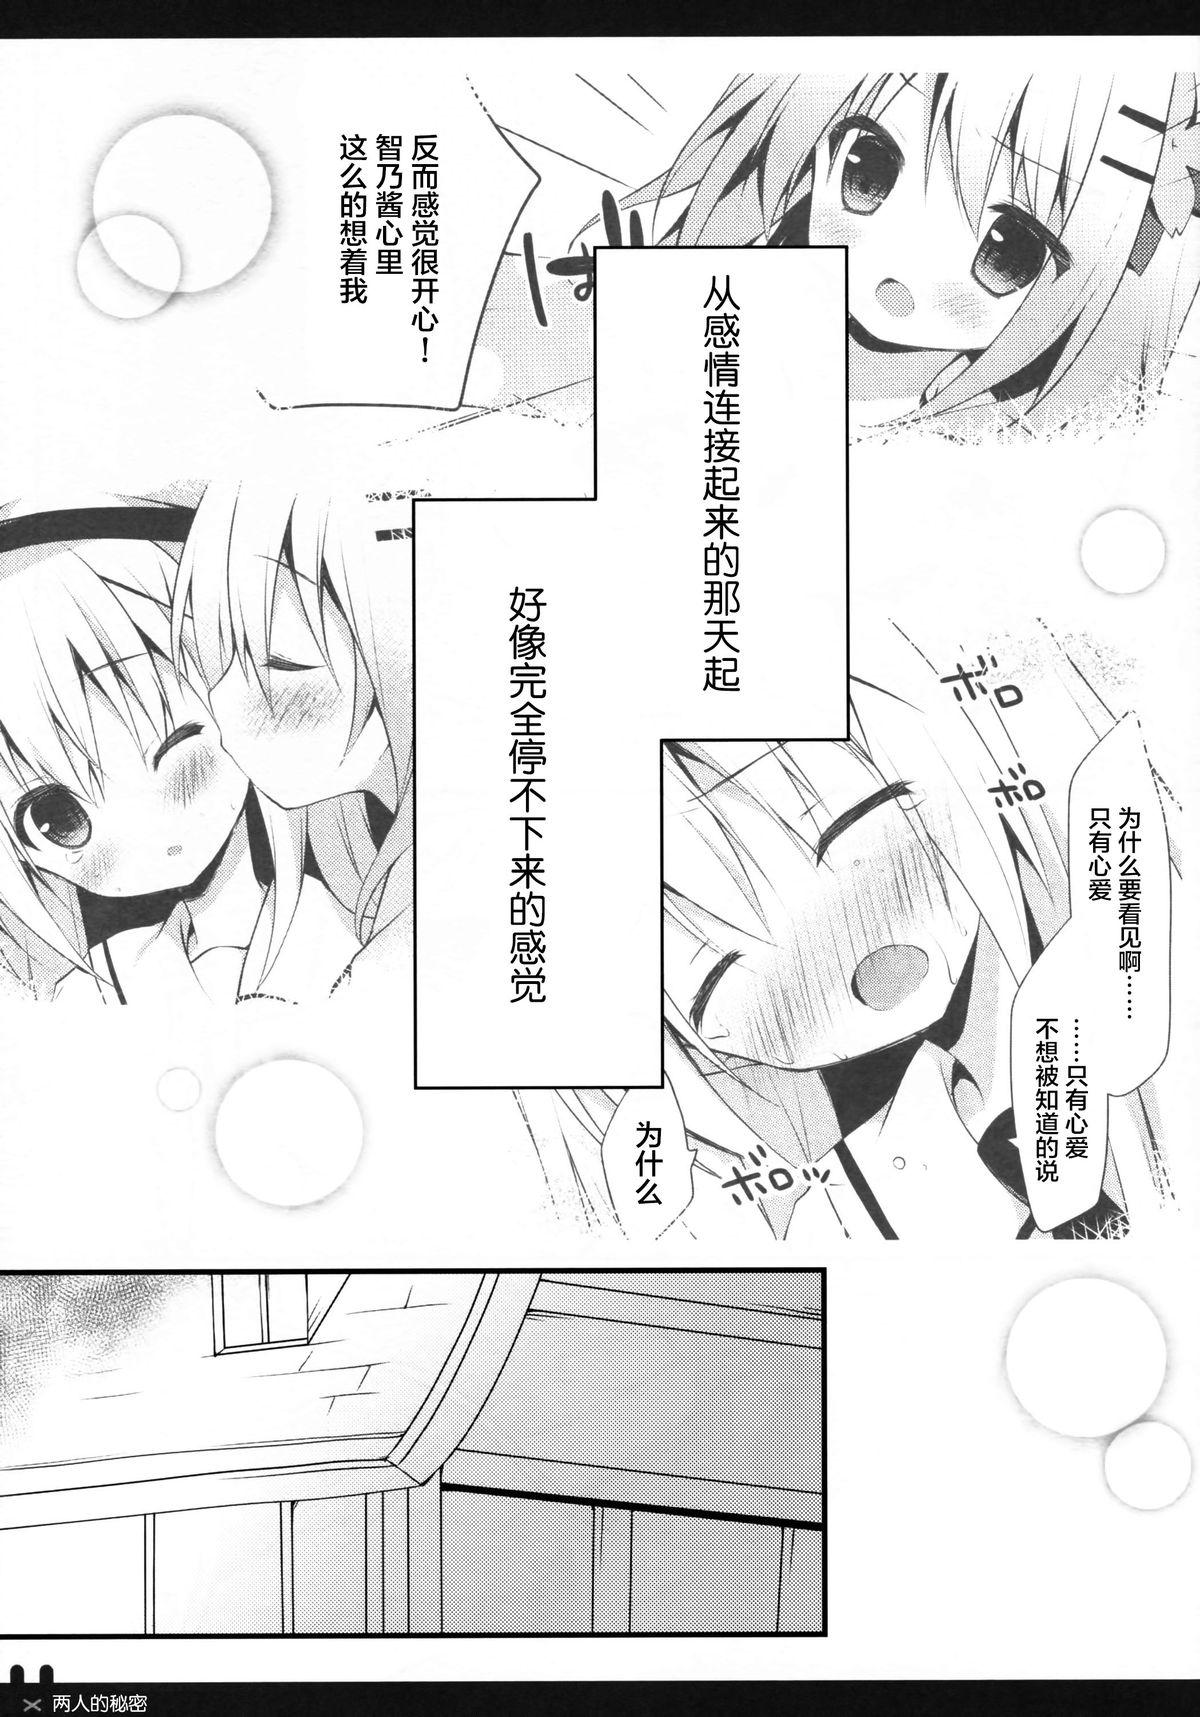 Futari no Himitsu 3